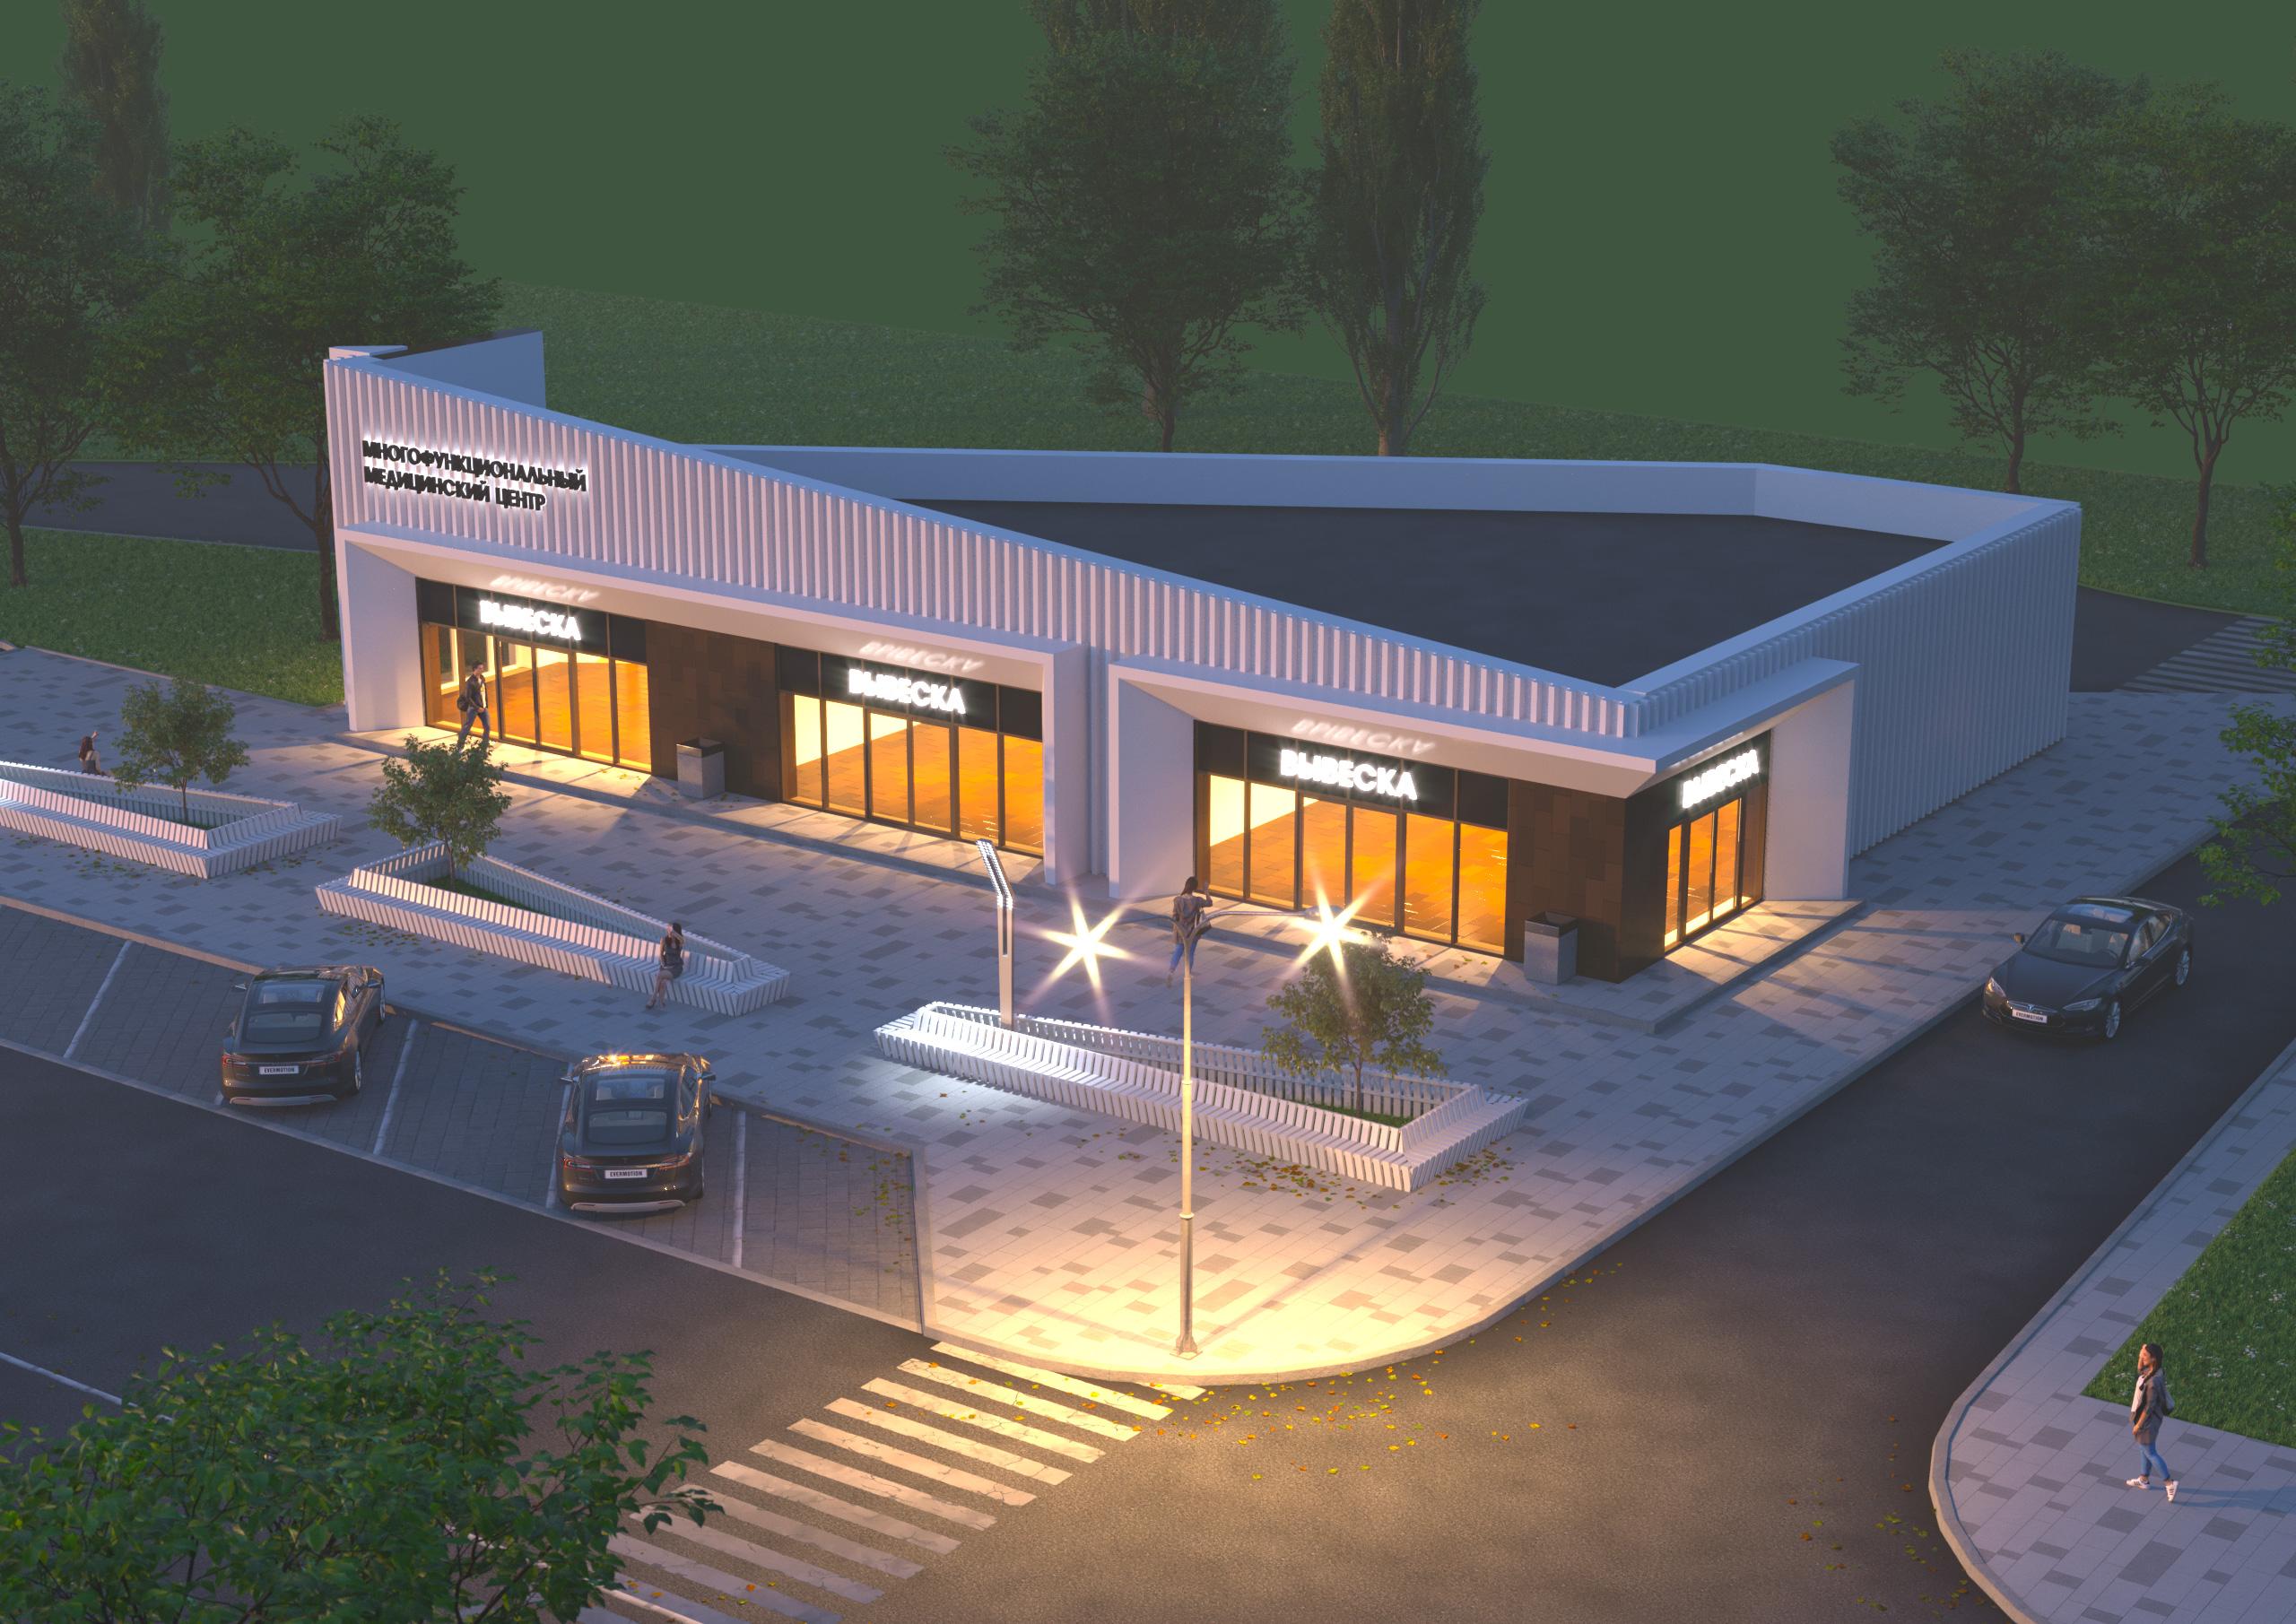 Общий вид здания медицинского центра с ночной подсветкой